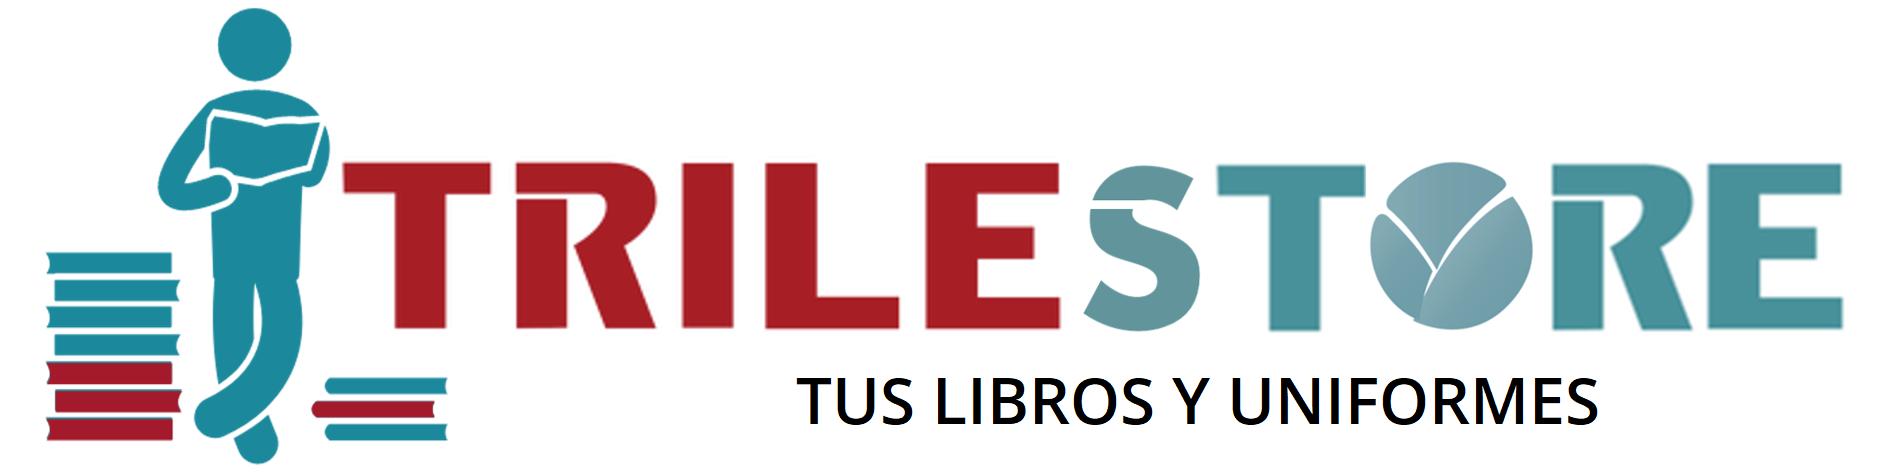 Tienda Trilema de Libros y Uniformes